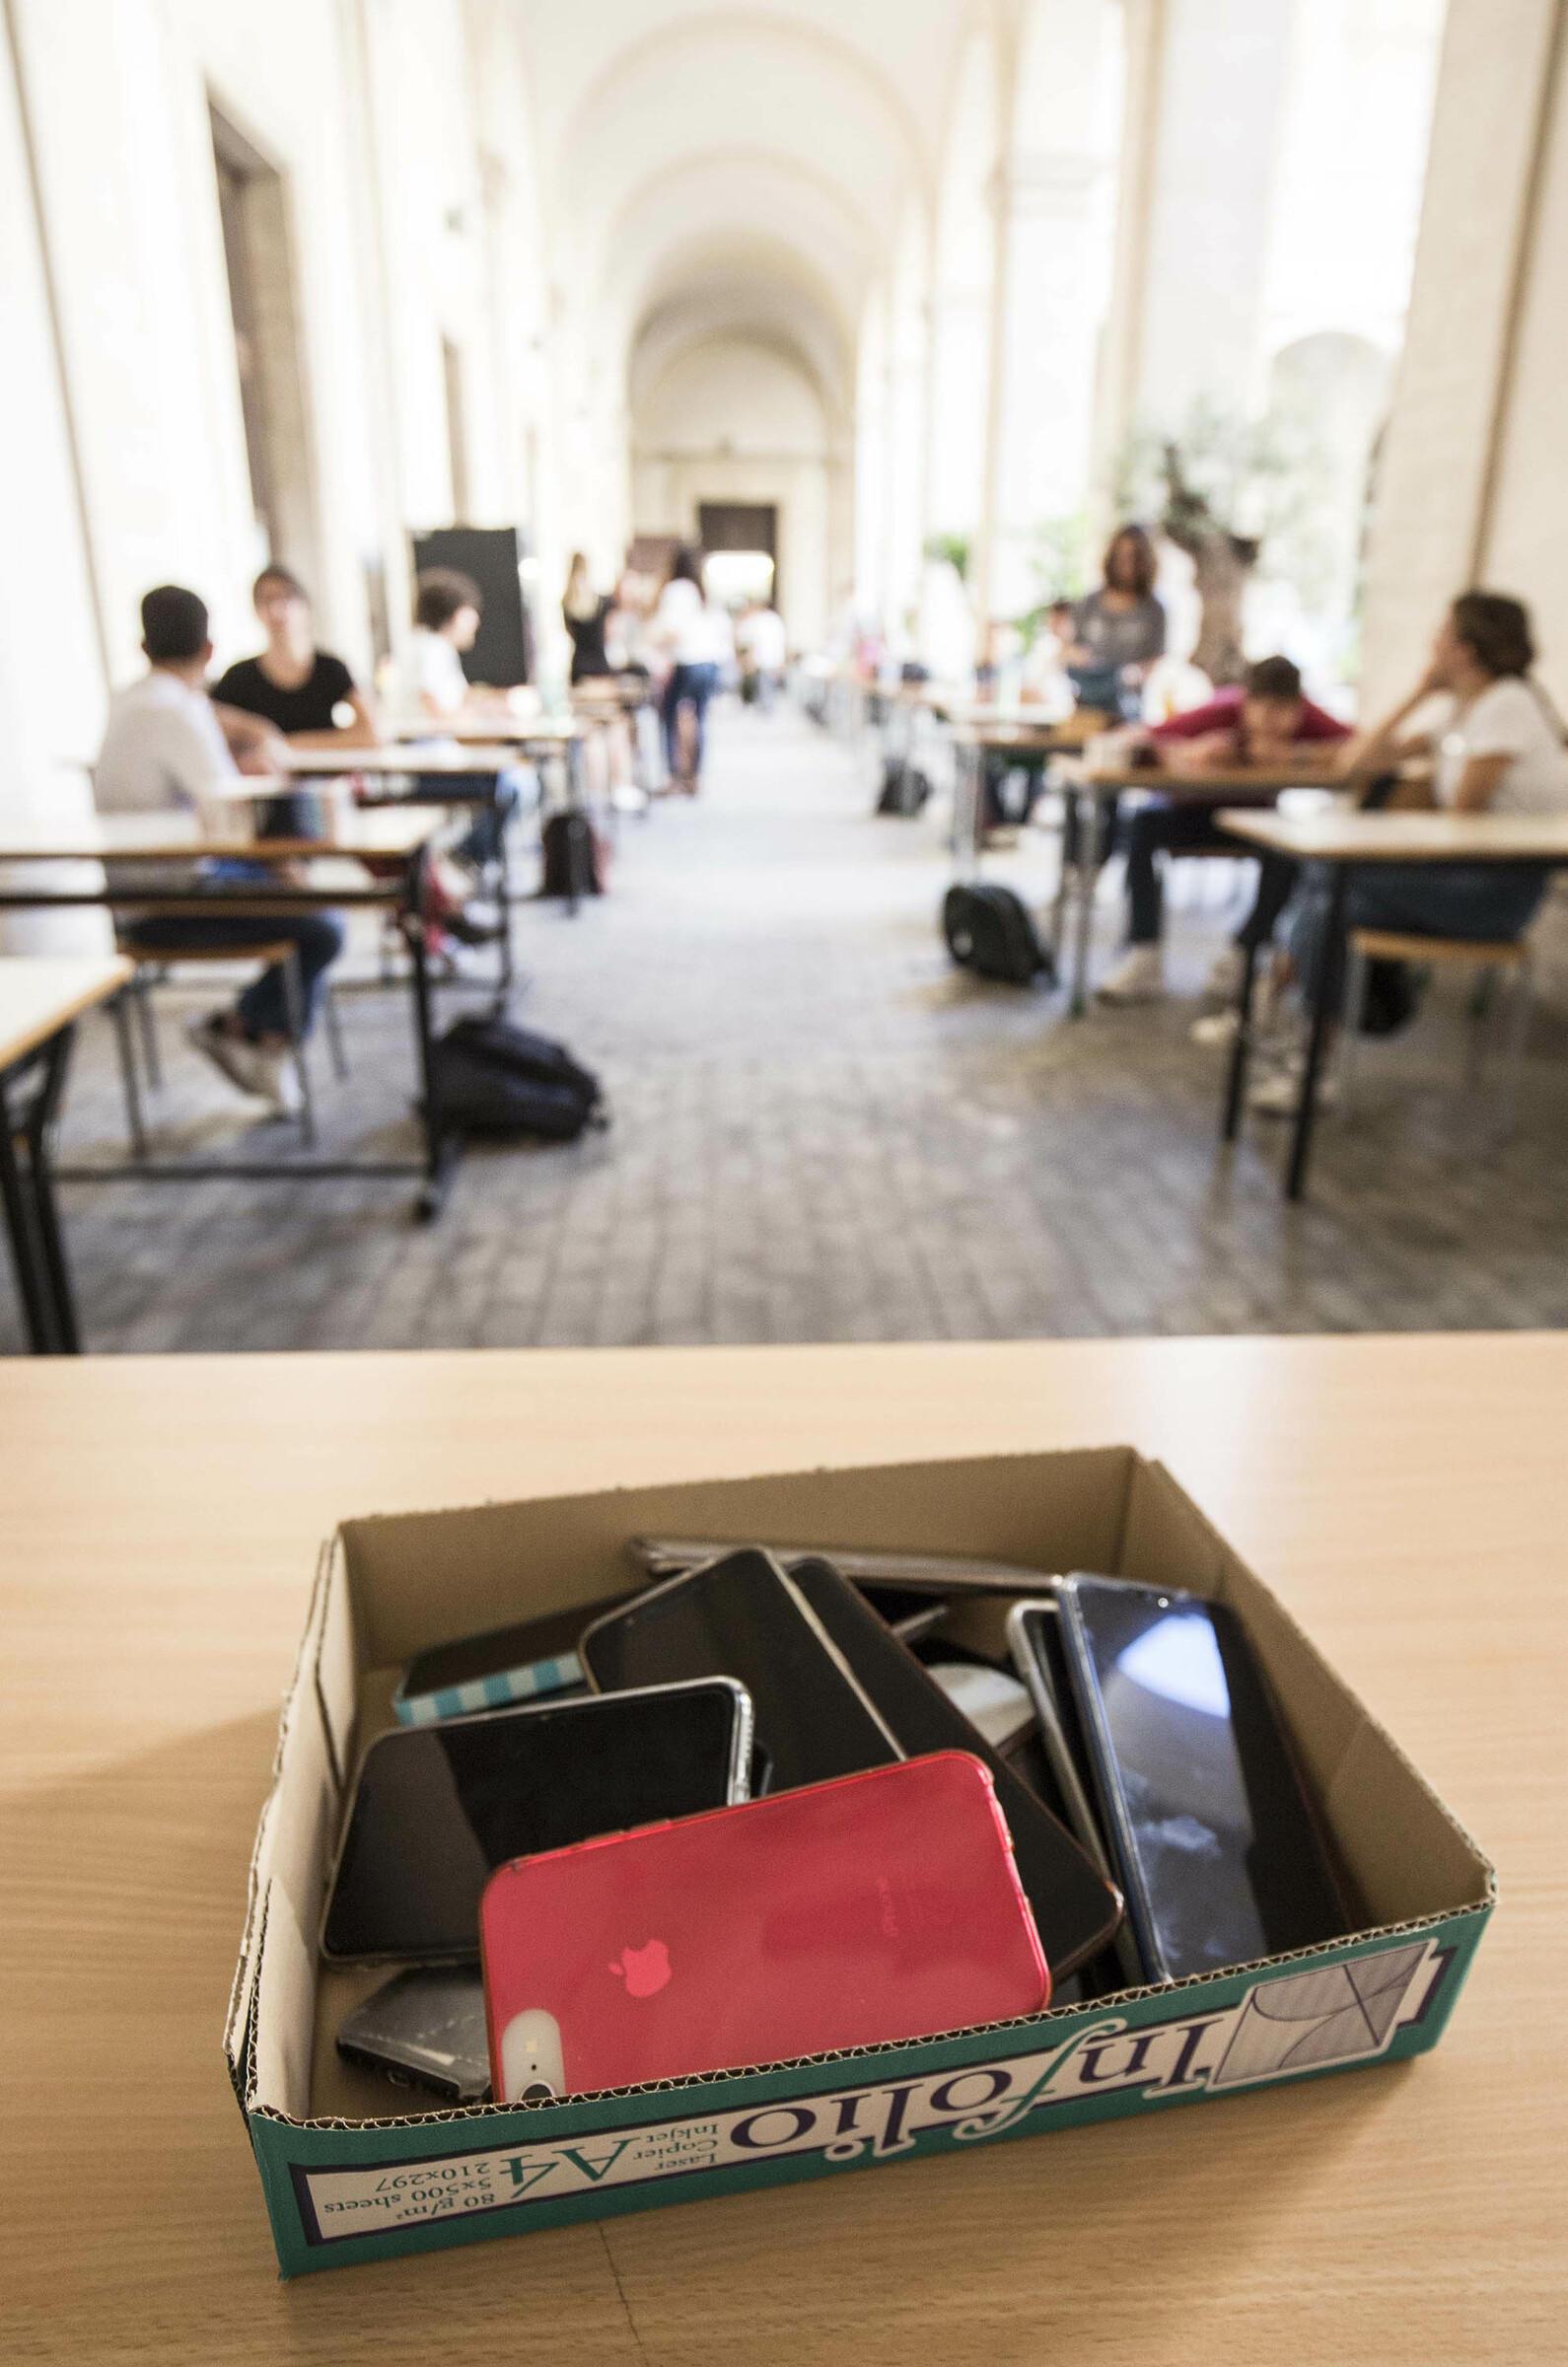 Maturità 2019, al via l esame per oltre 520mila studenti